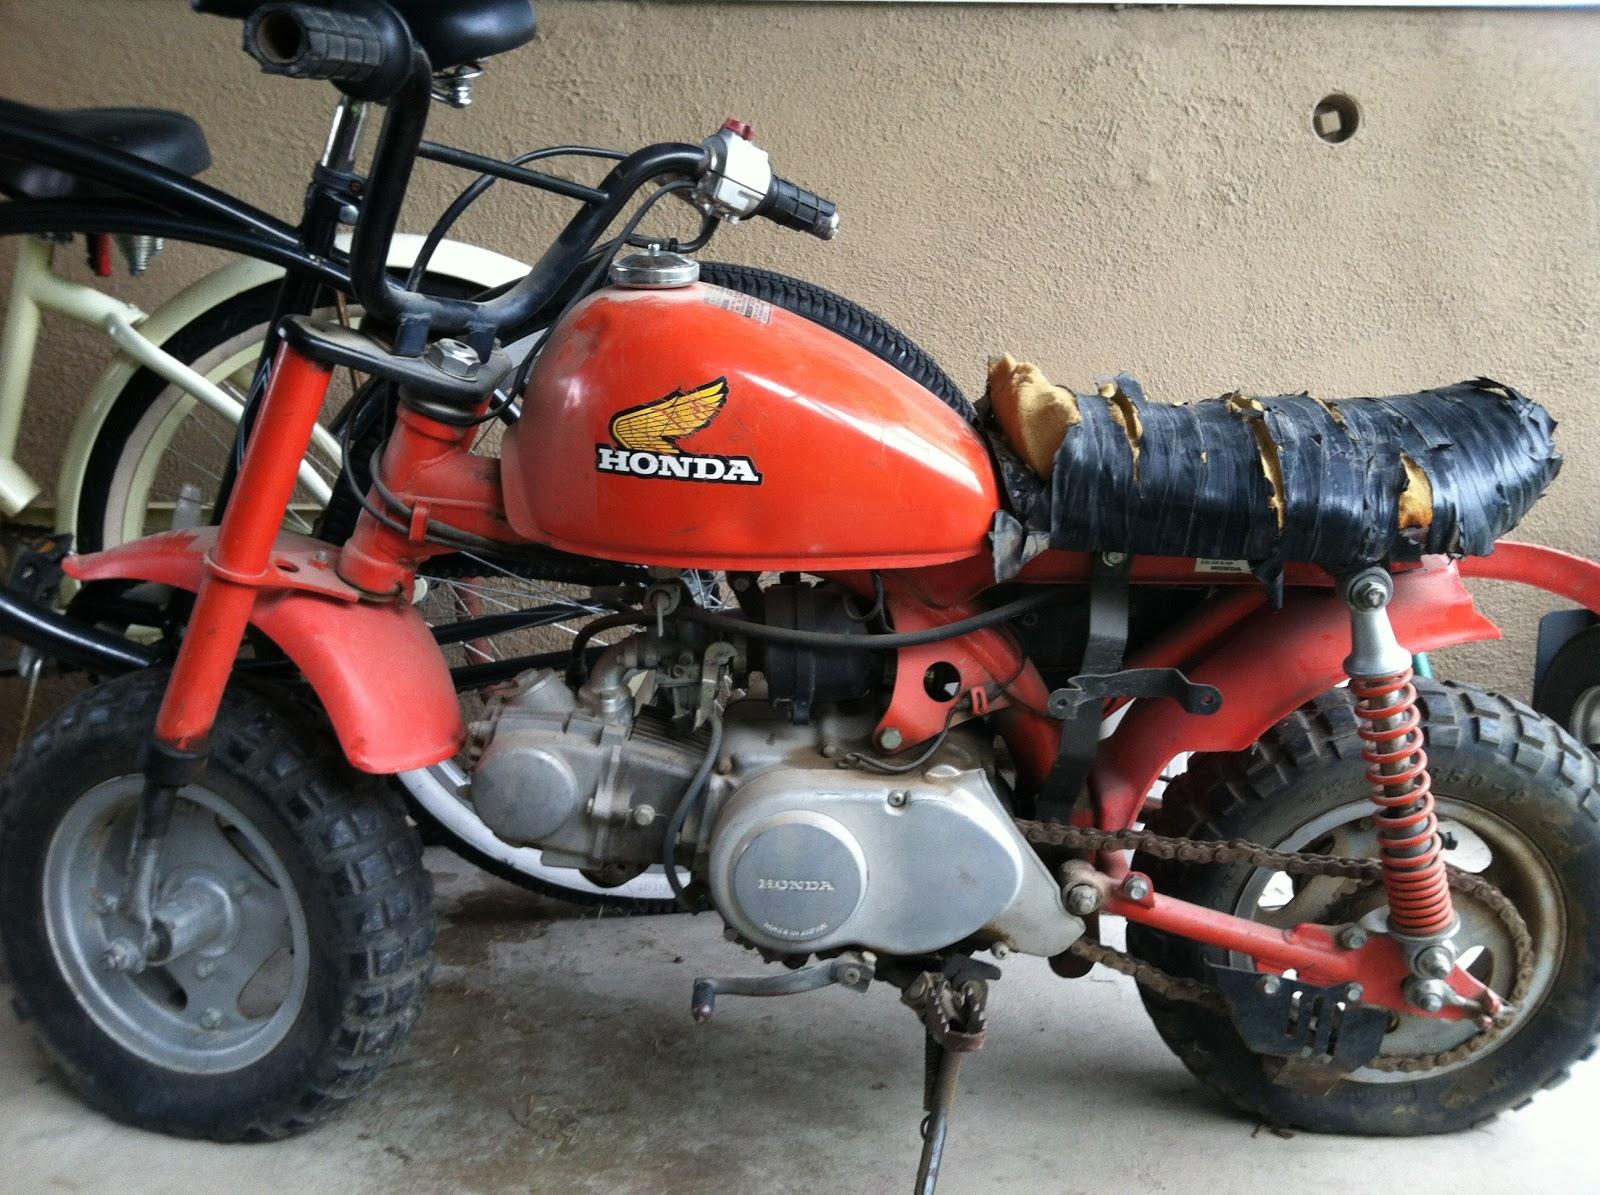 1984 honda z50r mini bike restoration introduction. Black Bedroom Furniture Sets. Home Design Ideas